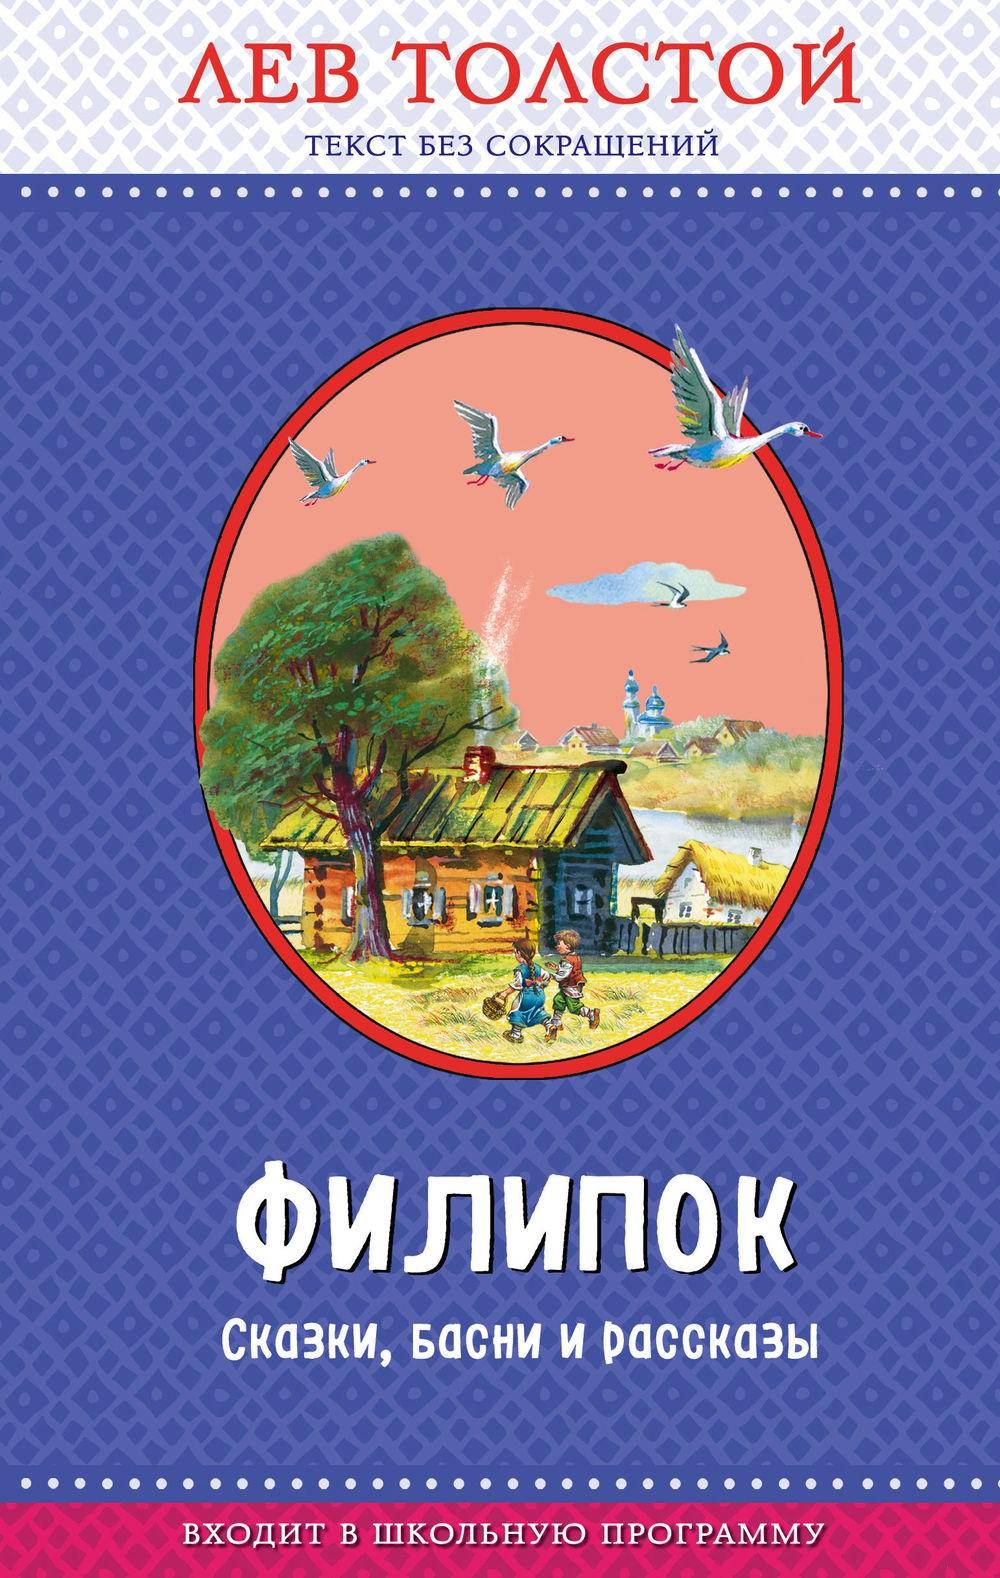 Купить Филипок. Сказки, басни и рассказы, Лев Толстой, 978-5-699-97334-7